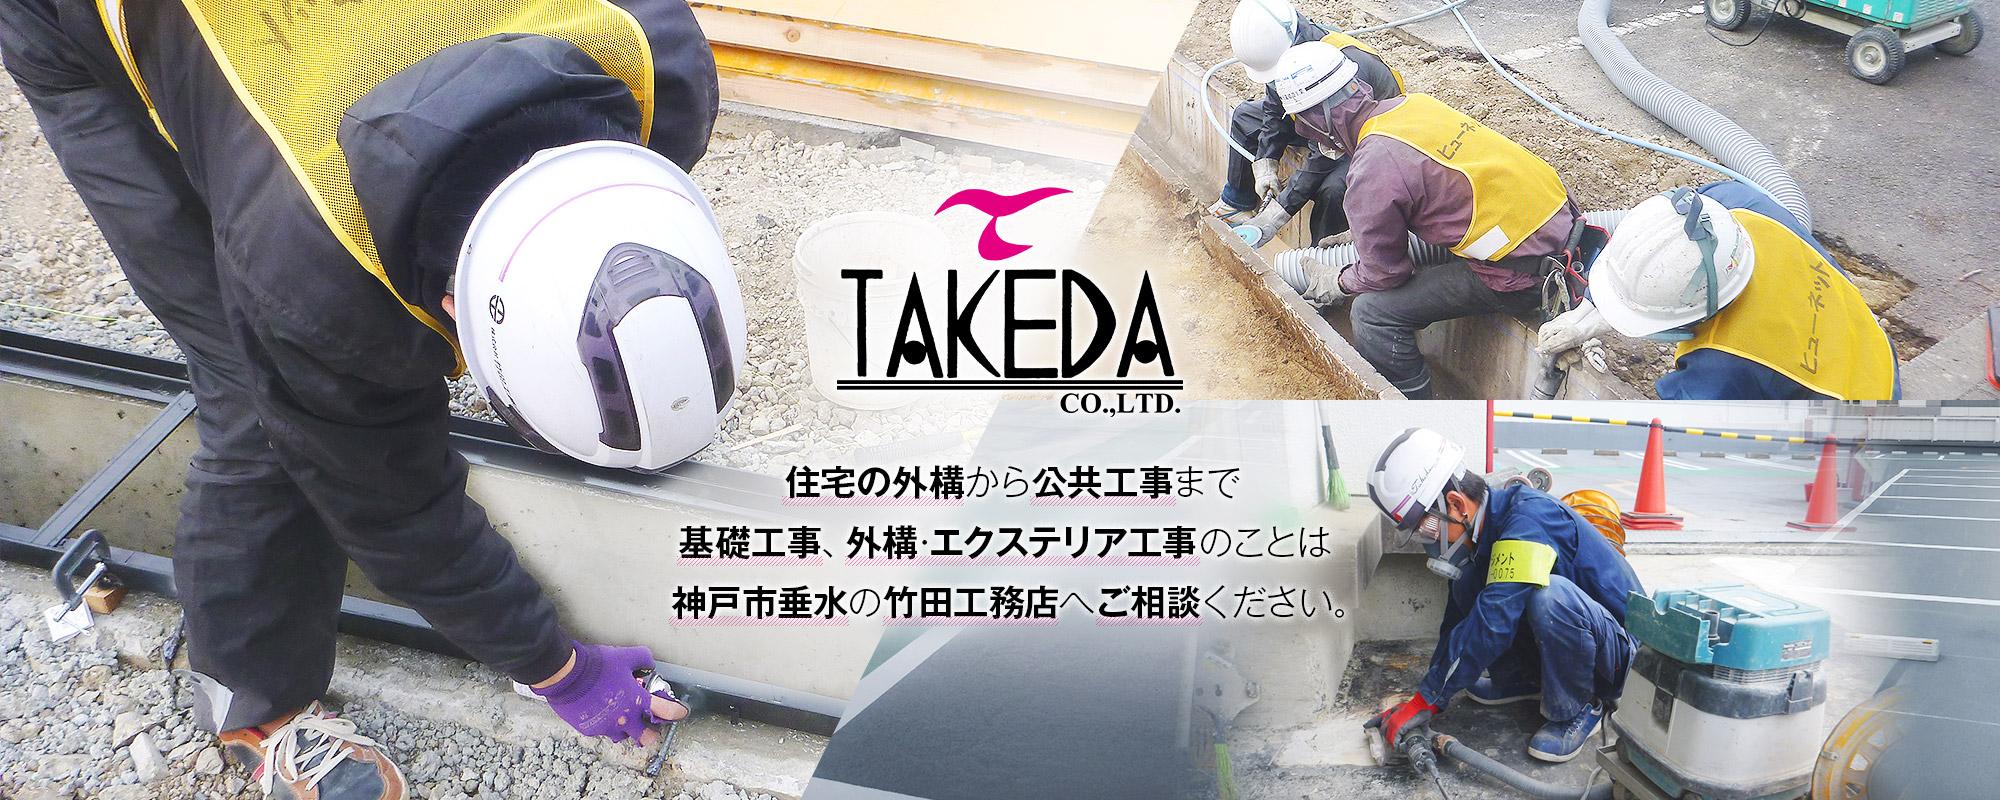 住宅の側溝から公共工事まで 基礎工事、外構・エクステリア工事のことは 神戸市垂水の竹田工務店へご相談ください。